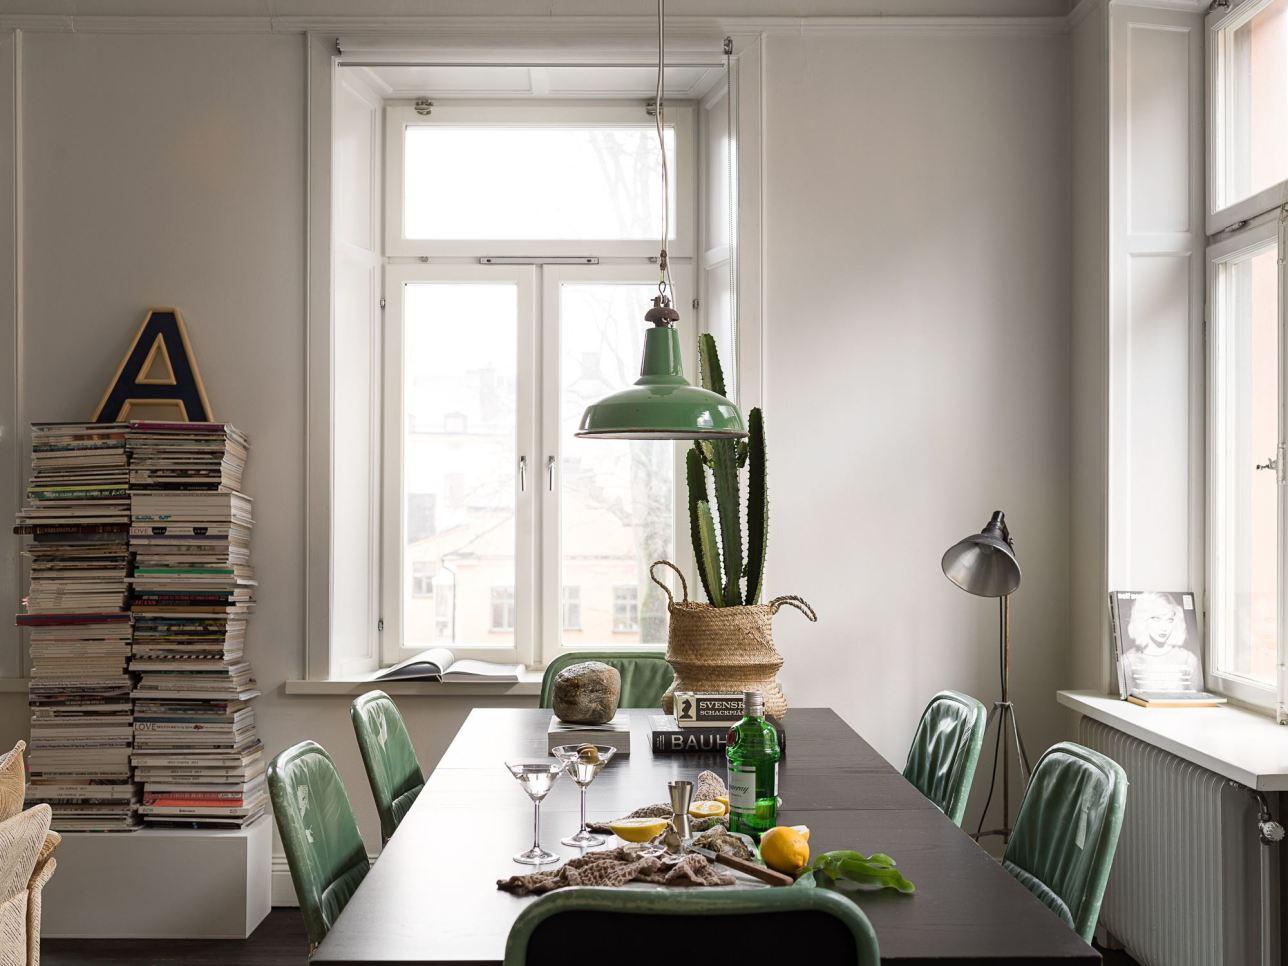 квартира 59 квм гостиная обеденный стол